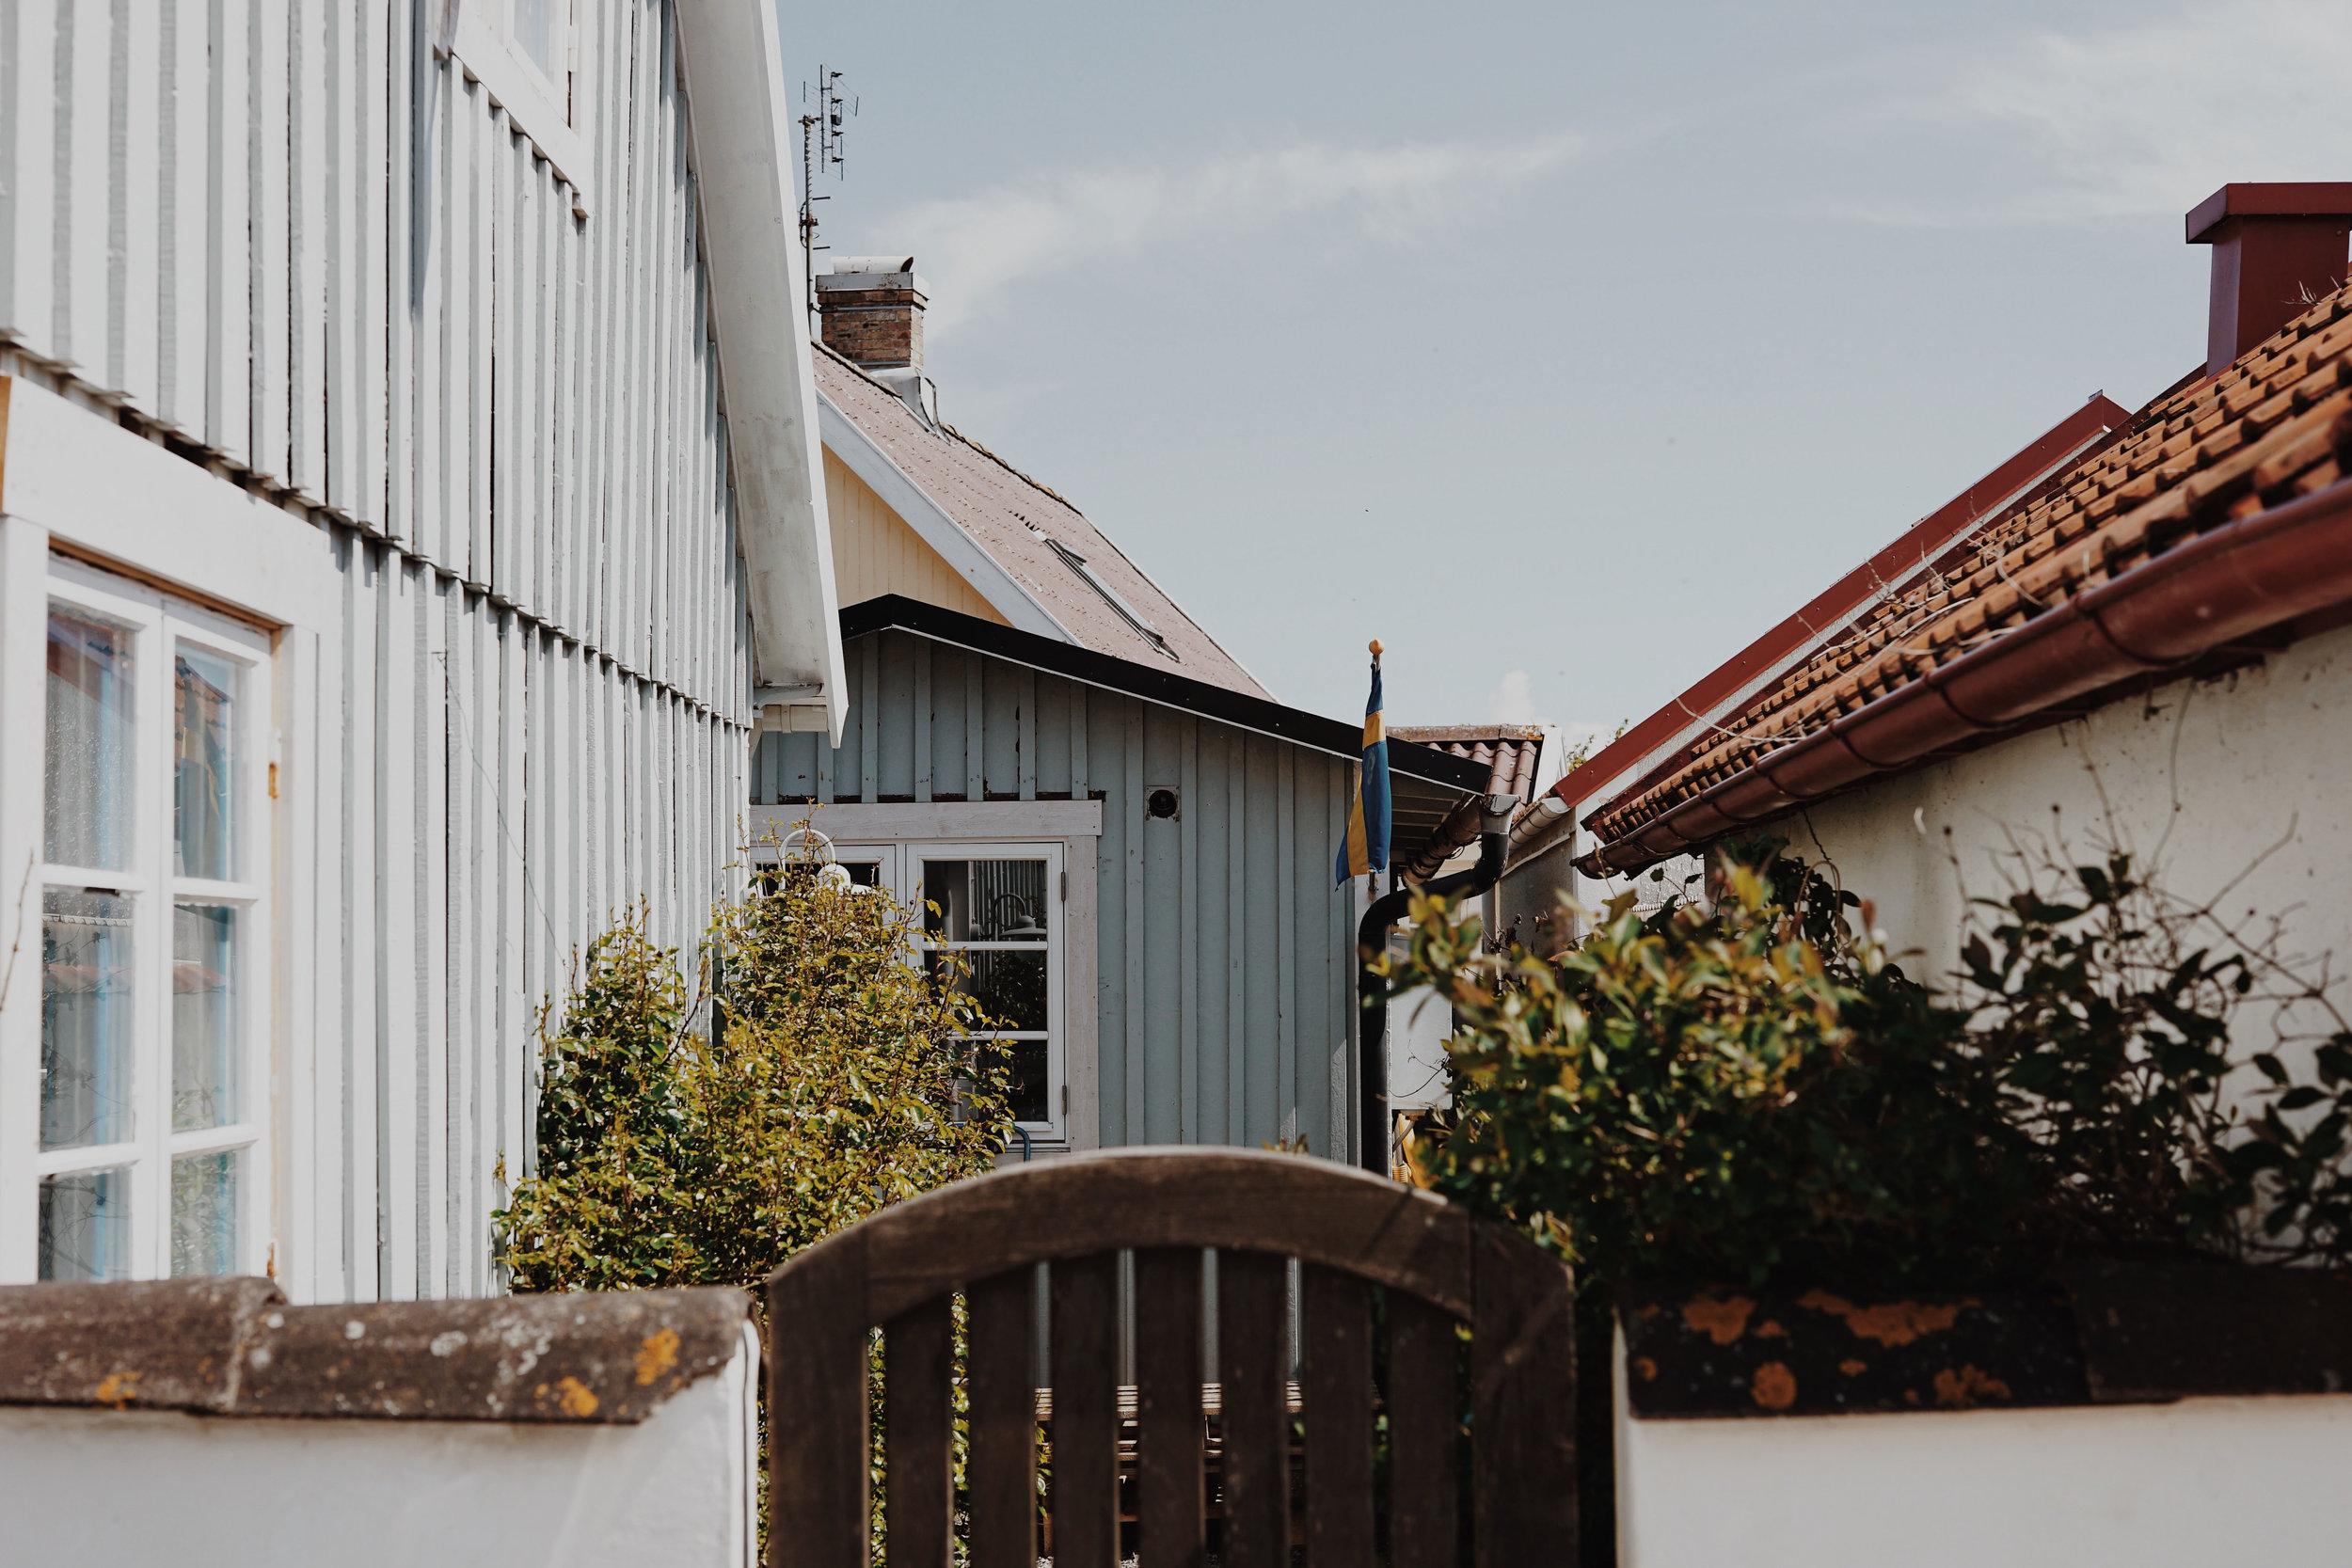 ASROSENVINGE_VisitSkane_Sweden_Torekov_Streetview_LowRes-231.jpg